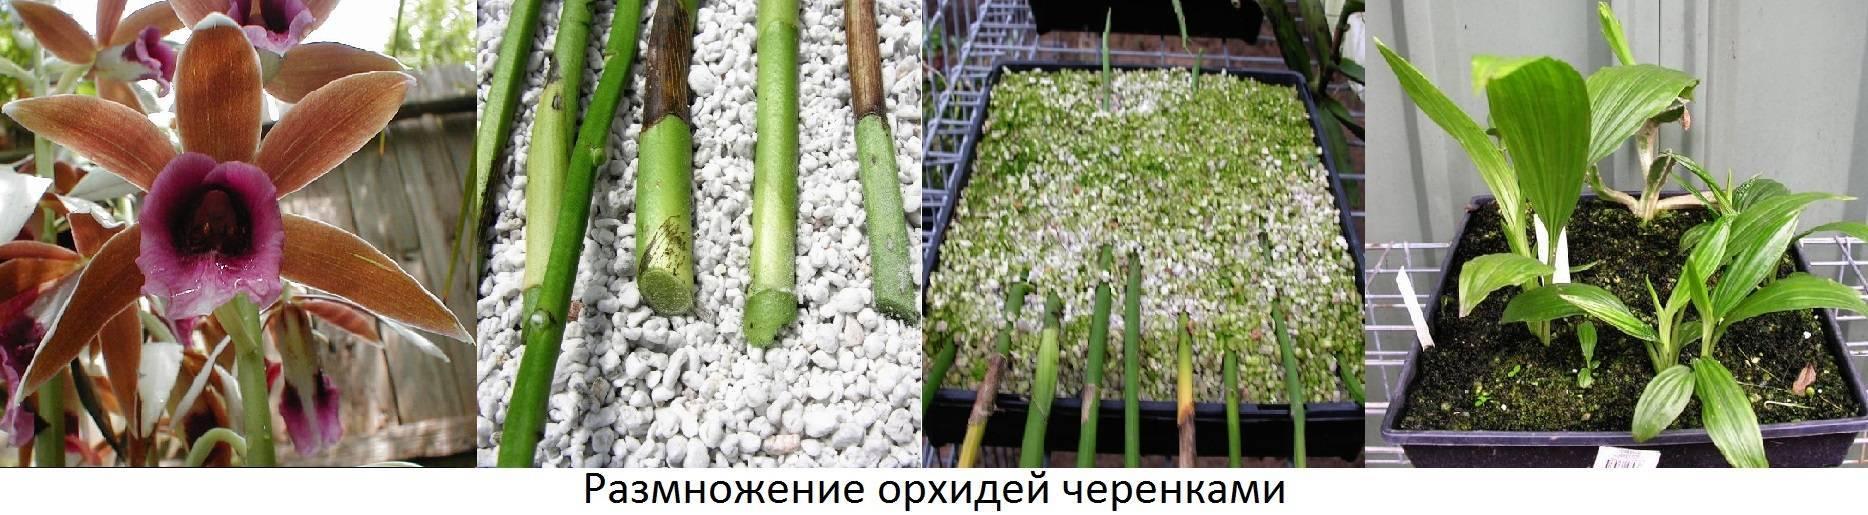 Детка орхидеи на цветоносе: примеры как вырастить и укоренить